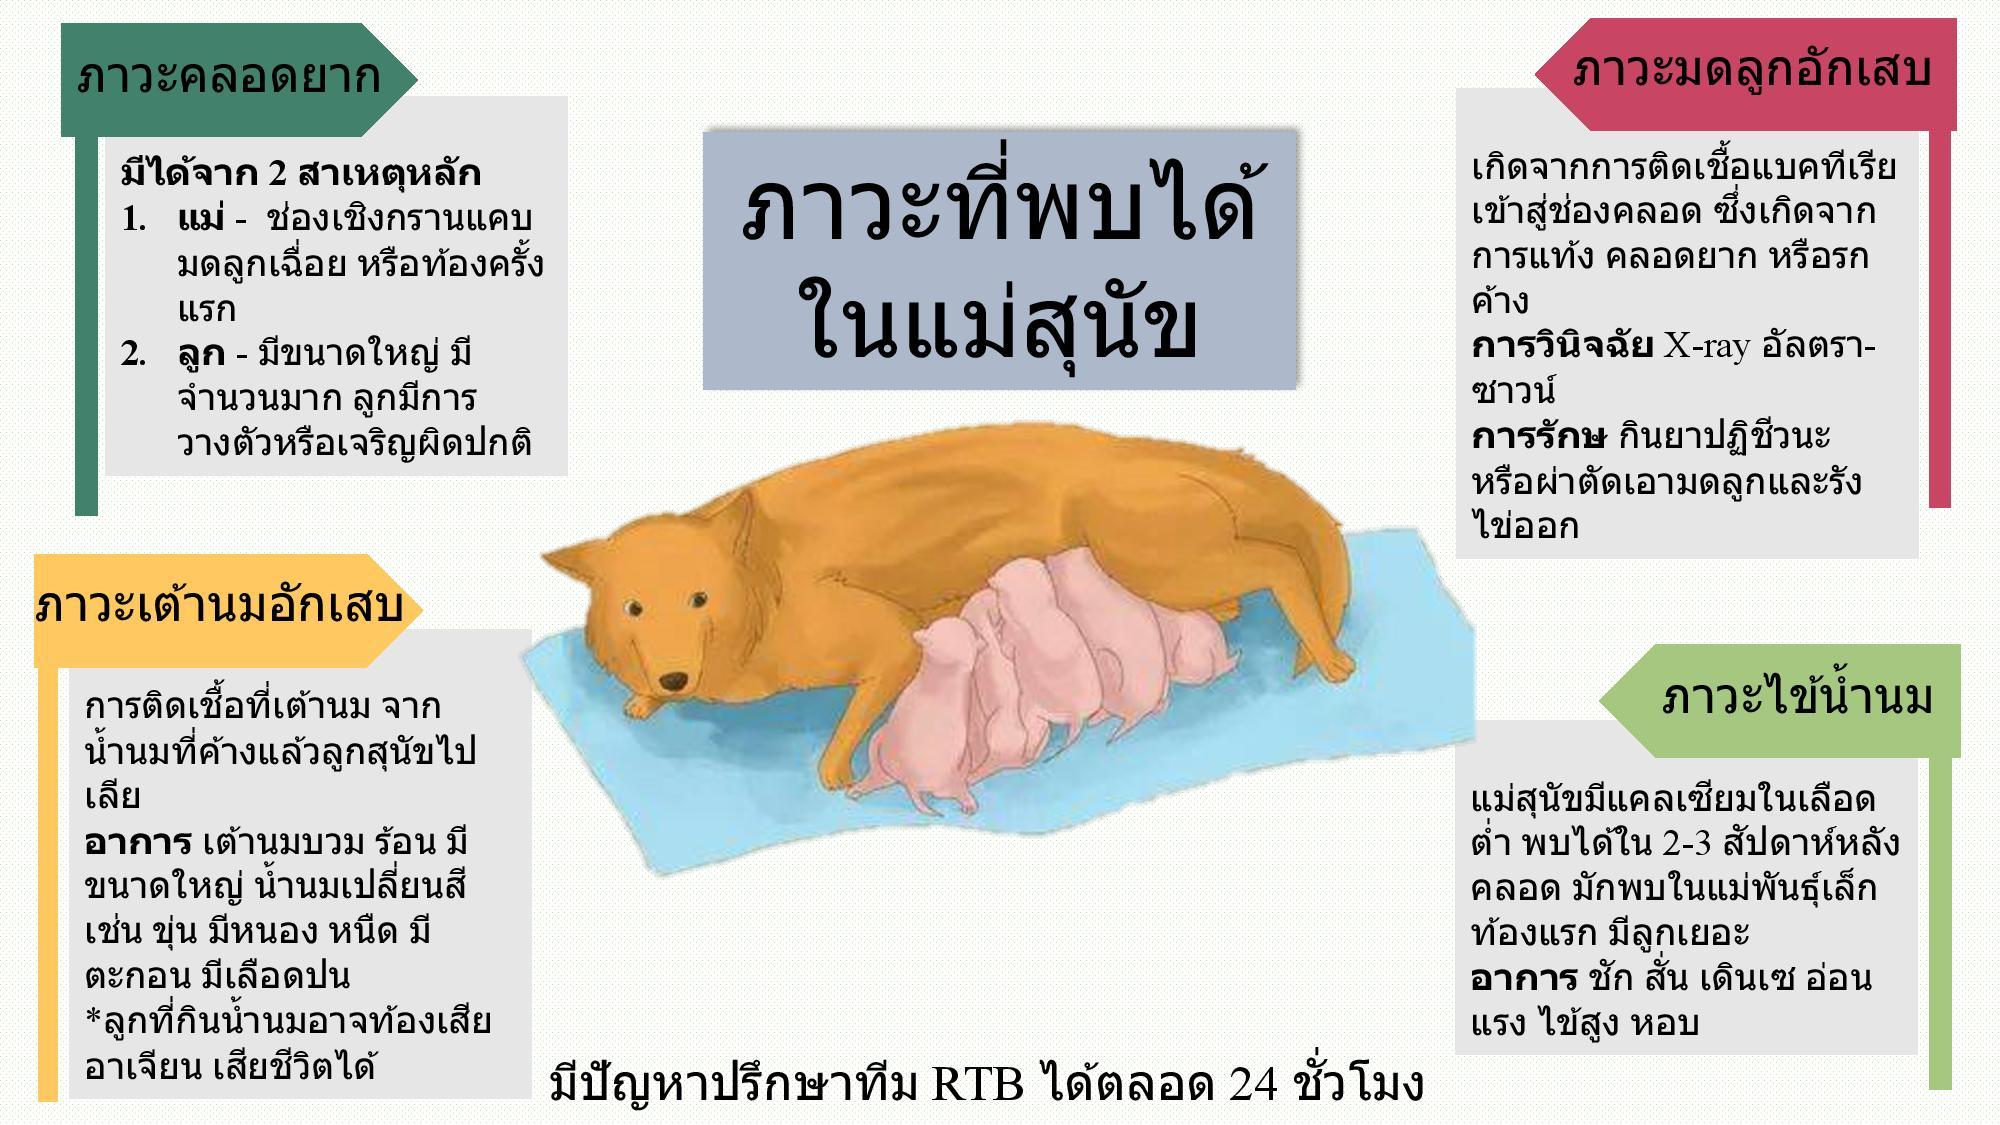 ภาวะที่พบได้ในแม่สุนัข